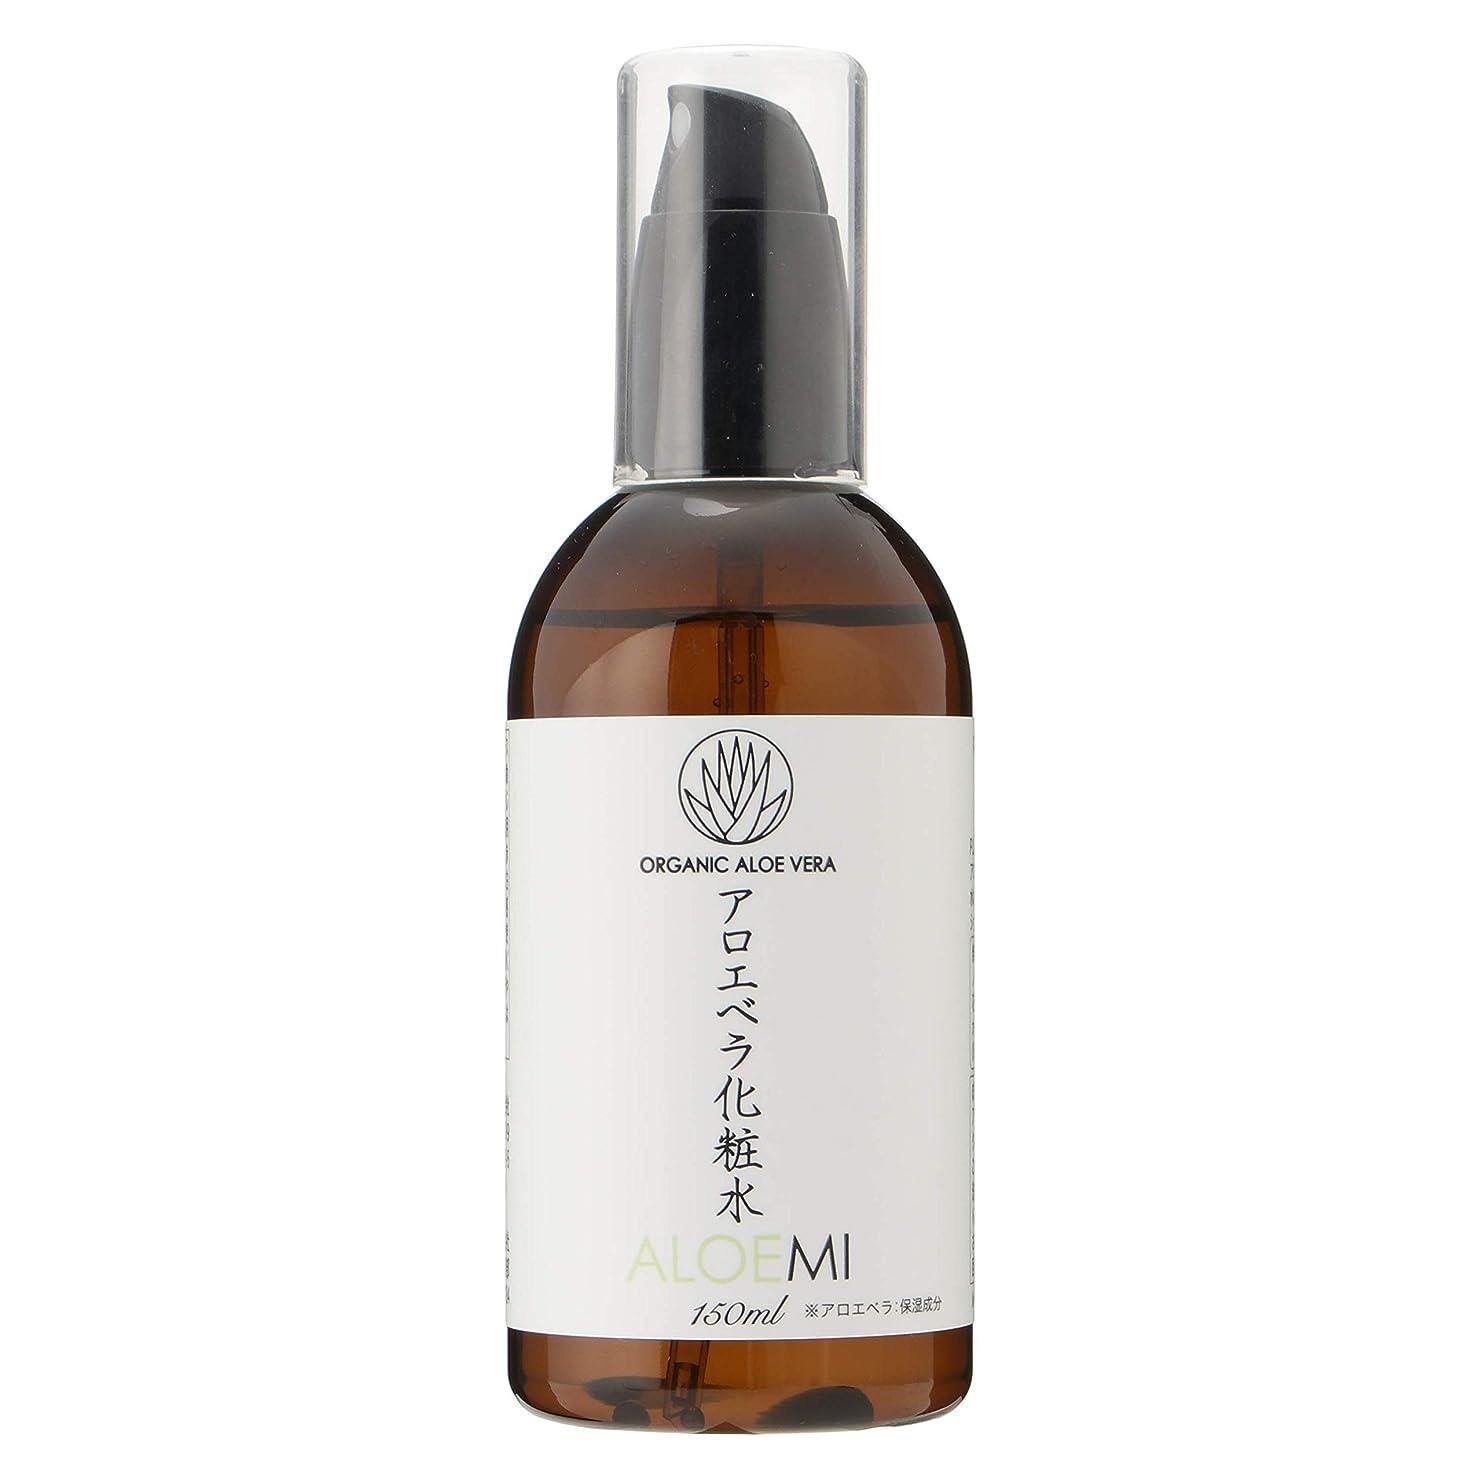 カートンレイ喜びALOEMI(アロエベラ化粧水)150ml ローション